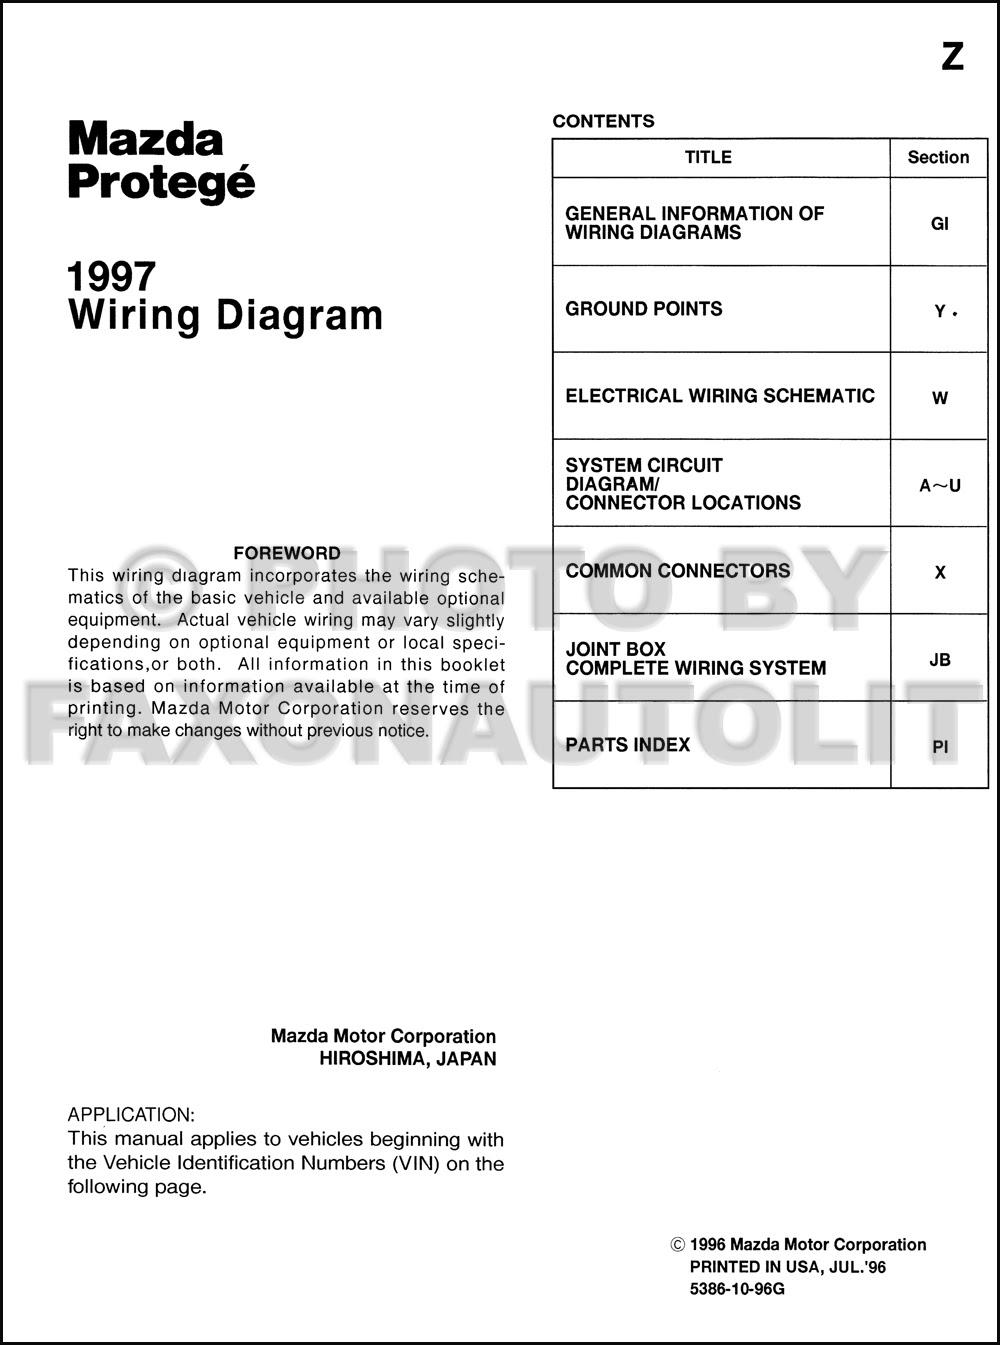 diagram] mazda protege 1997 wiring diagram full version hd quality wiring  diagram - ritualdiagrams.democraticiperilno.it  diagram database - democraticiperilno.it